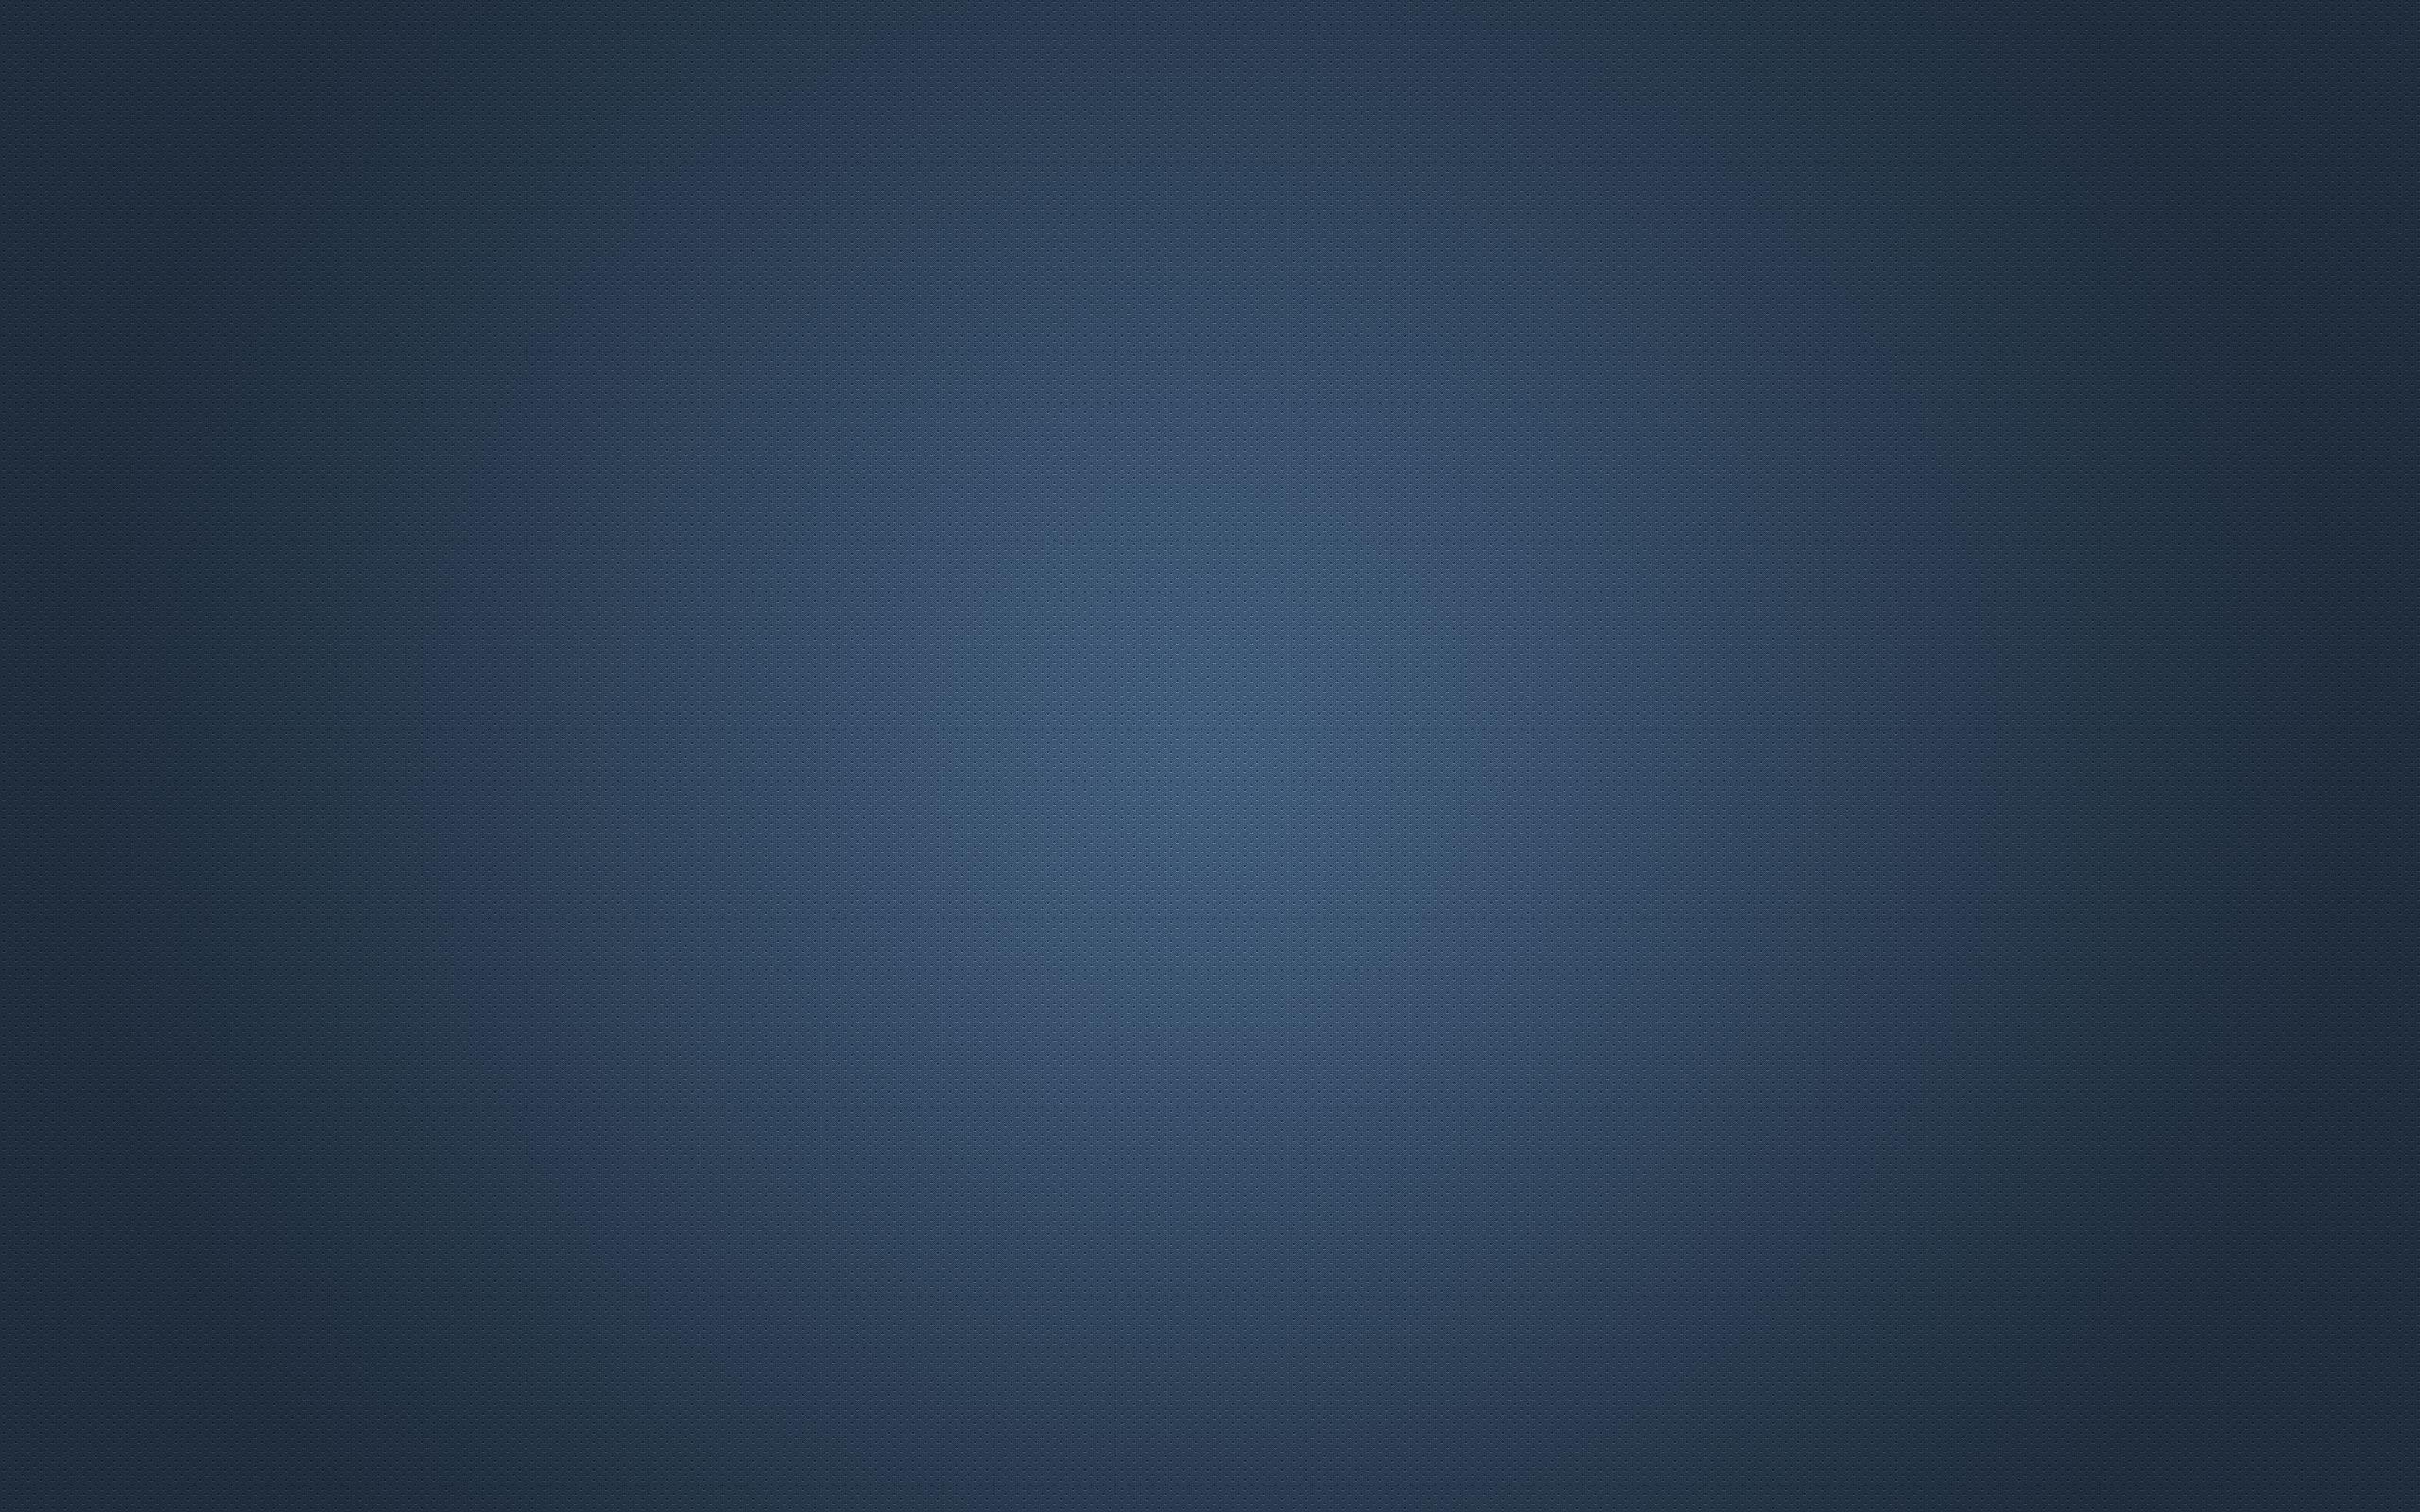 Images for Gt Blue Carbon Fiber Wallpaper